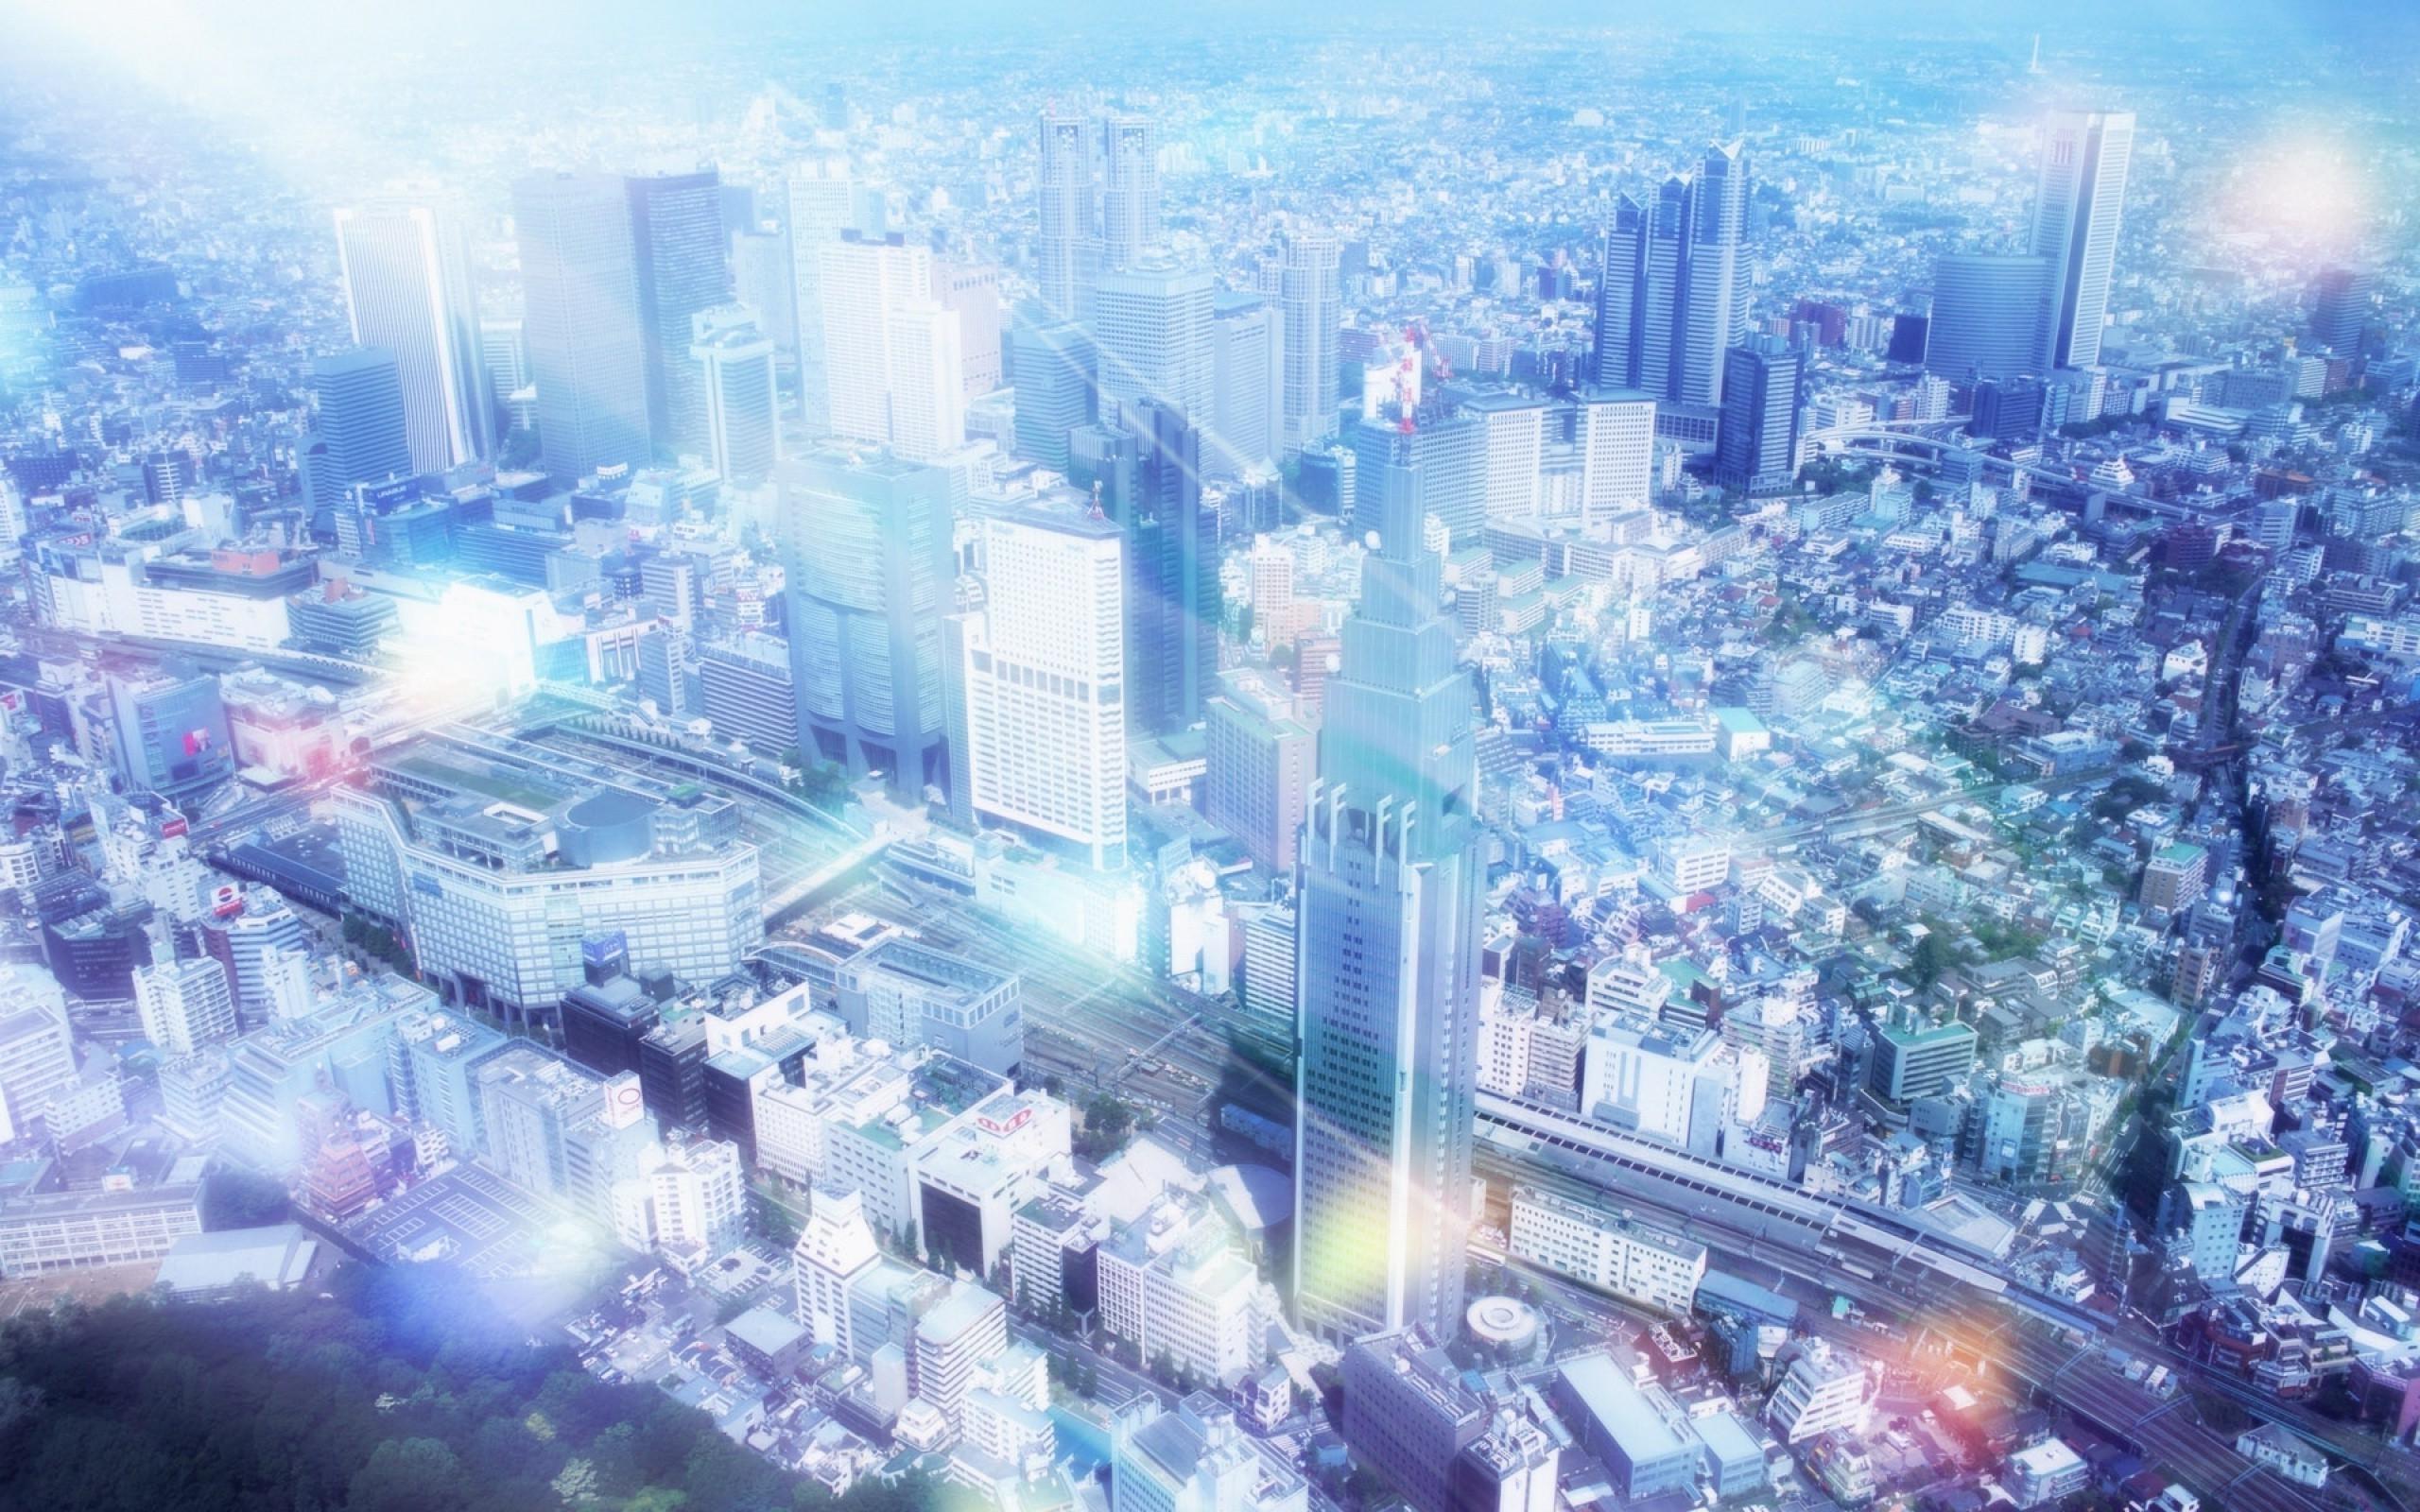 Drawn wallpaper cityscape Cityscape  urban Cityscape Wallpapers